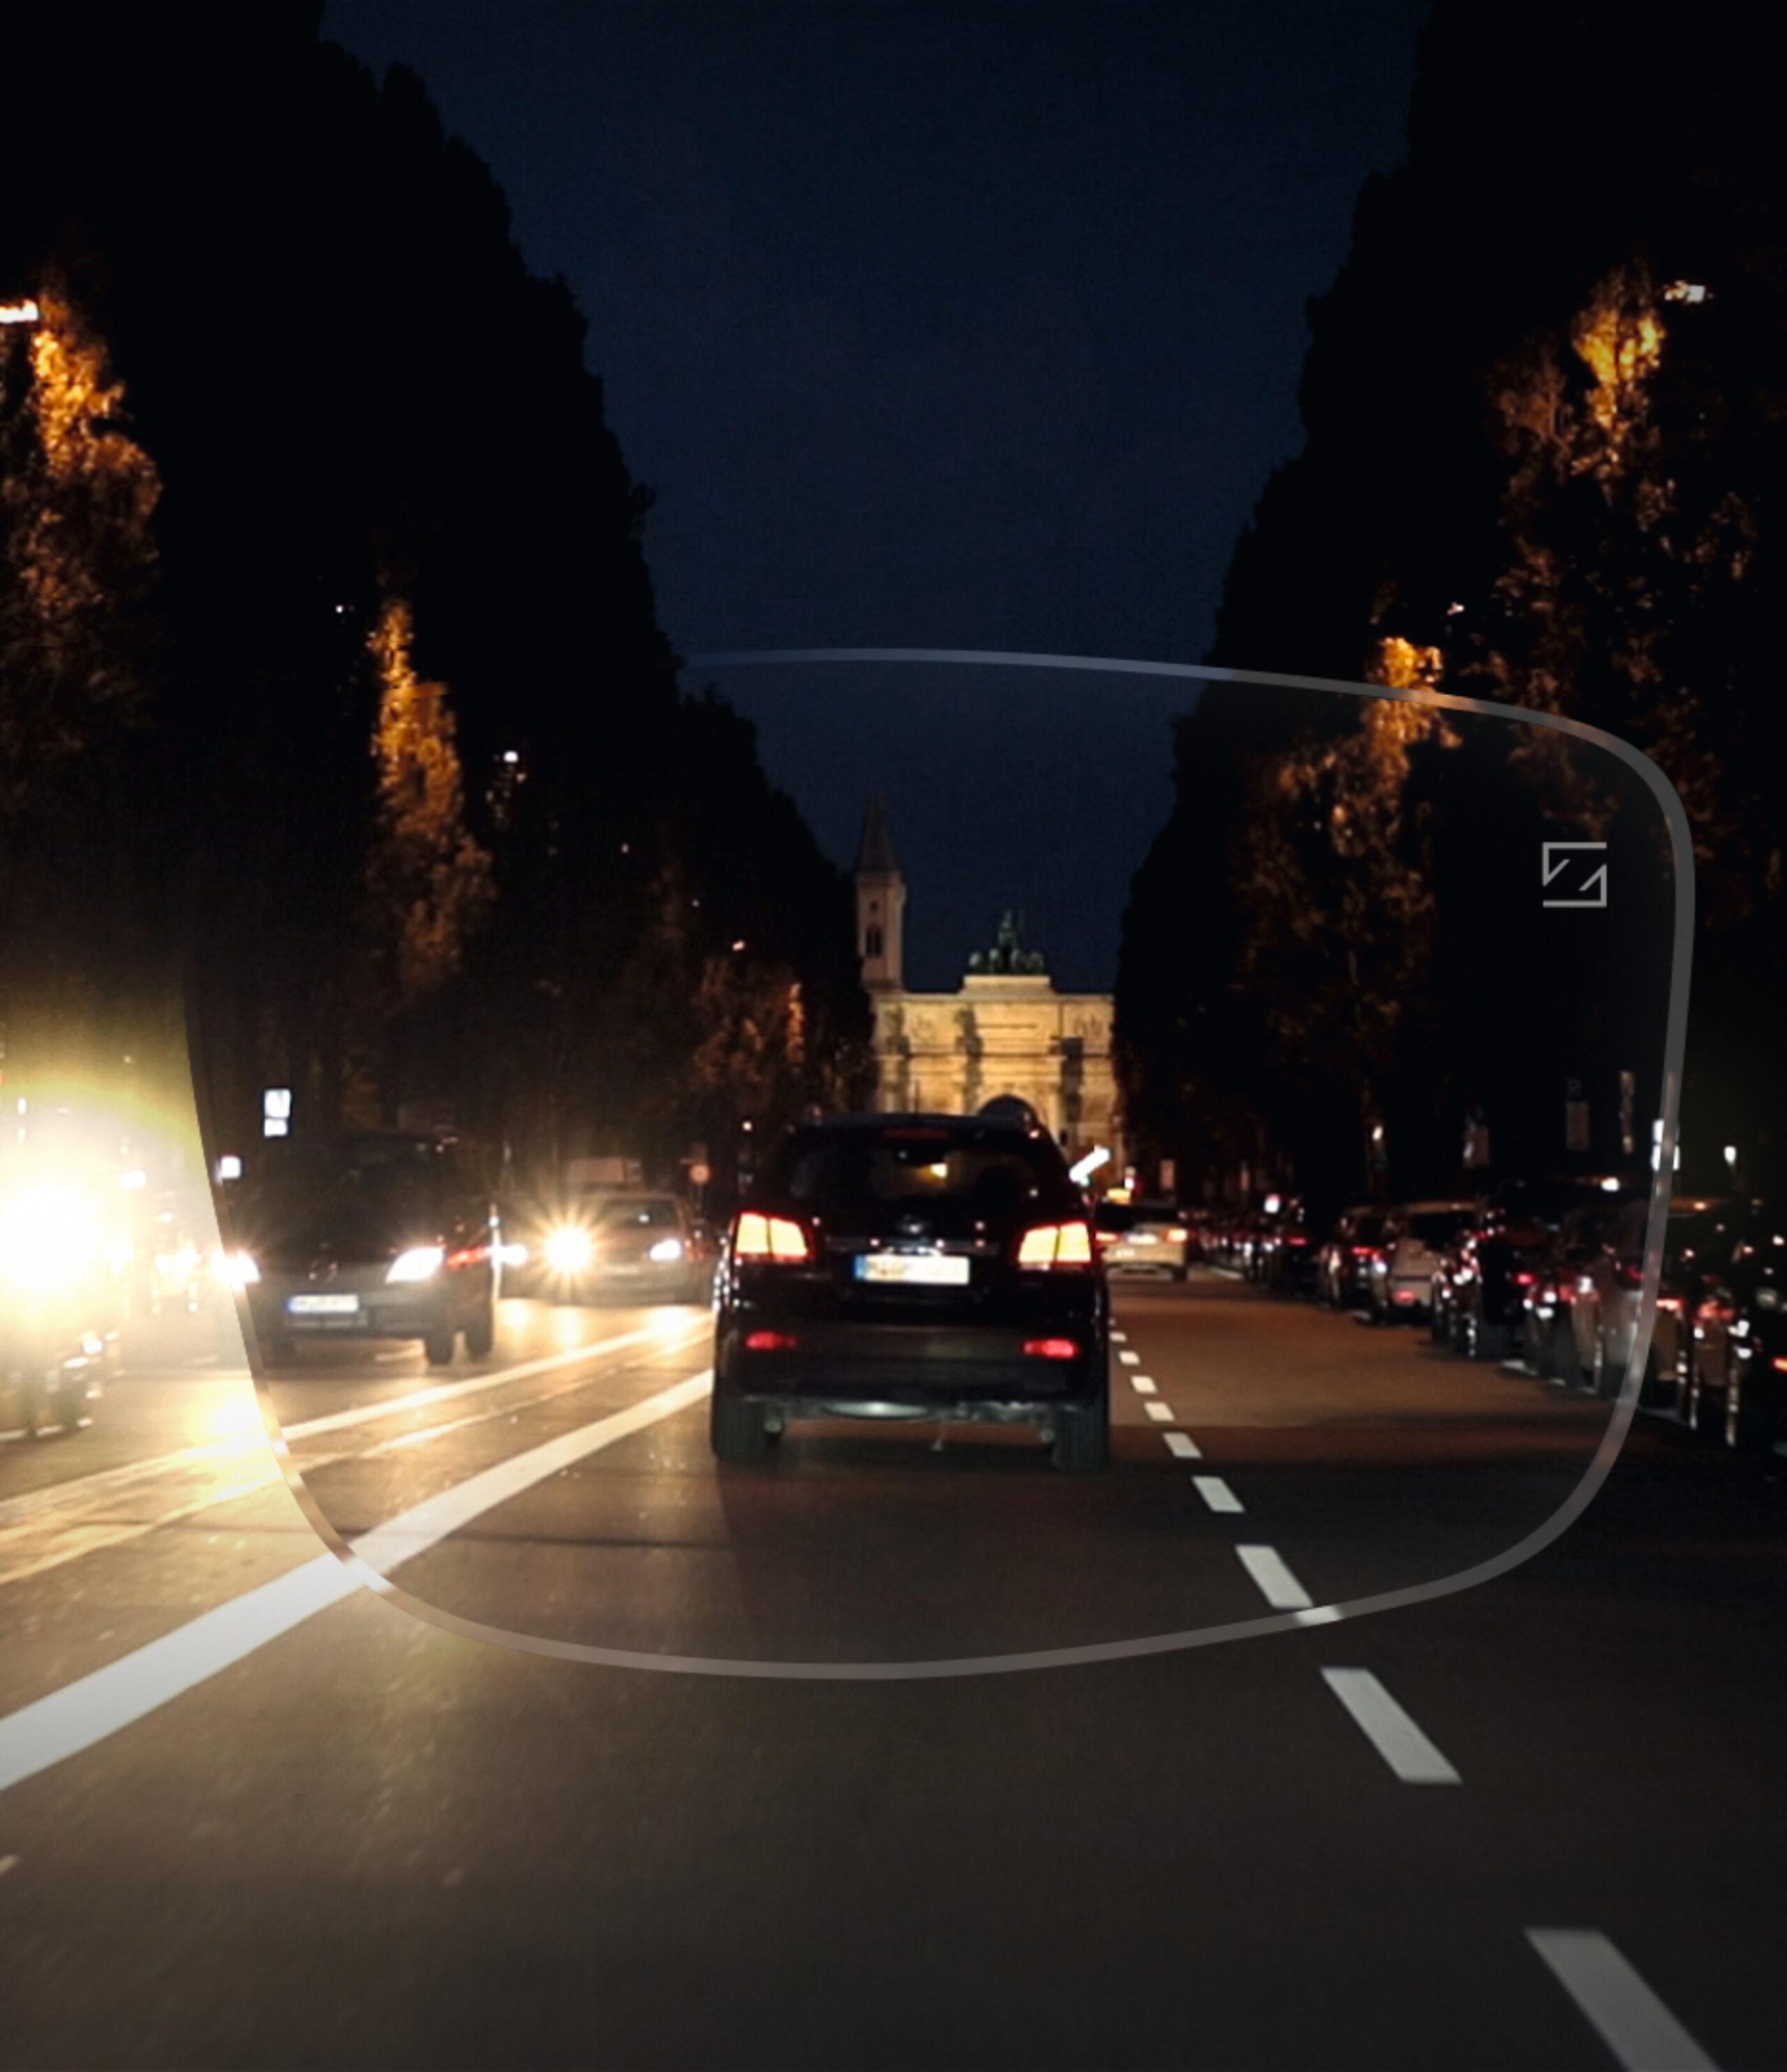 Krijg een gratis paar Zeiss DriveSafe brillenglazen bij Frames and Faces